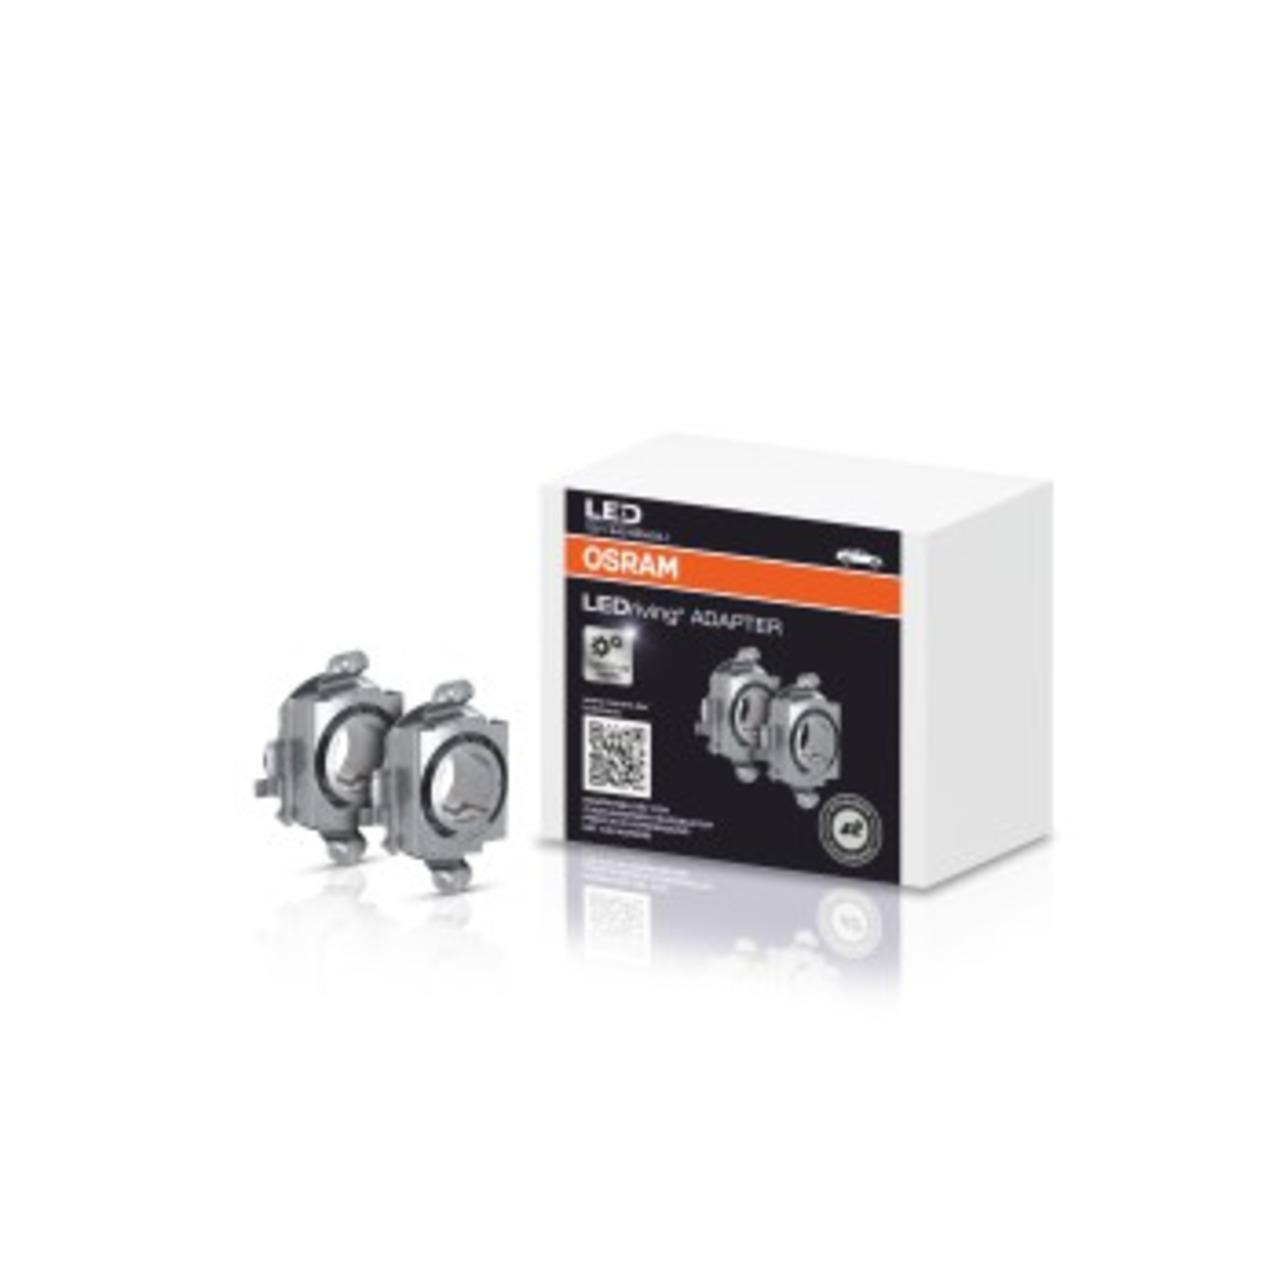 OSRAM LEDriving Adapter DA03-1 für H7-LED-Nachrüstlampe NIGHT BREAKER(R) LED